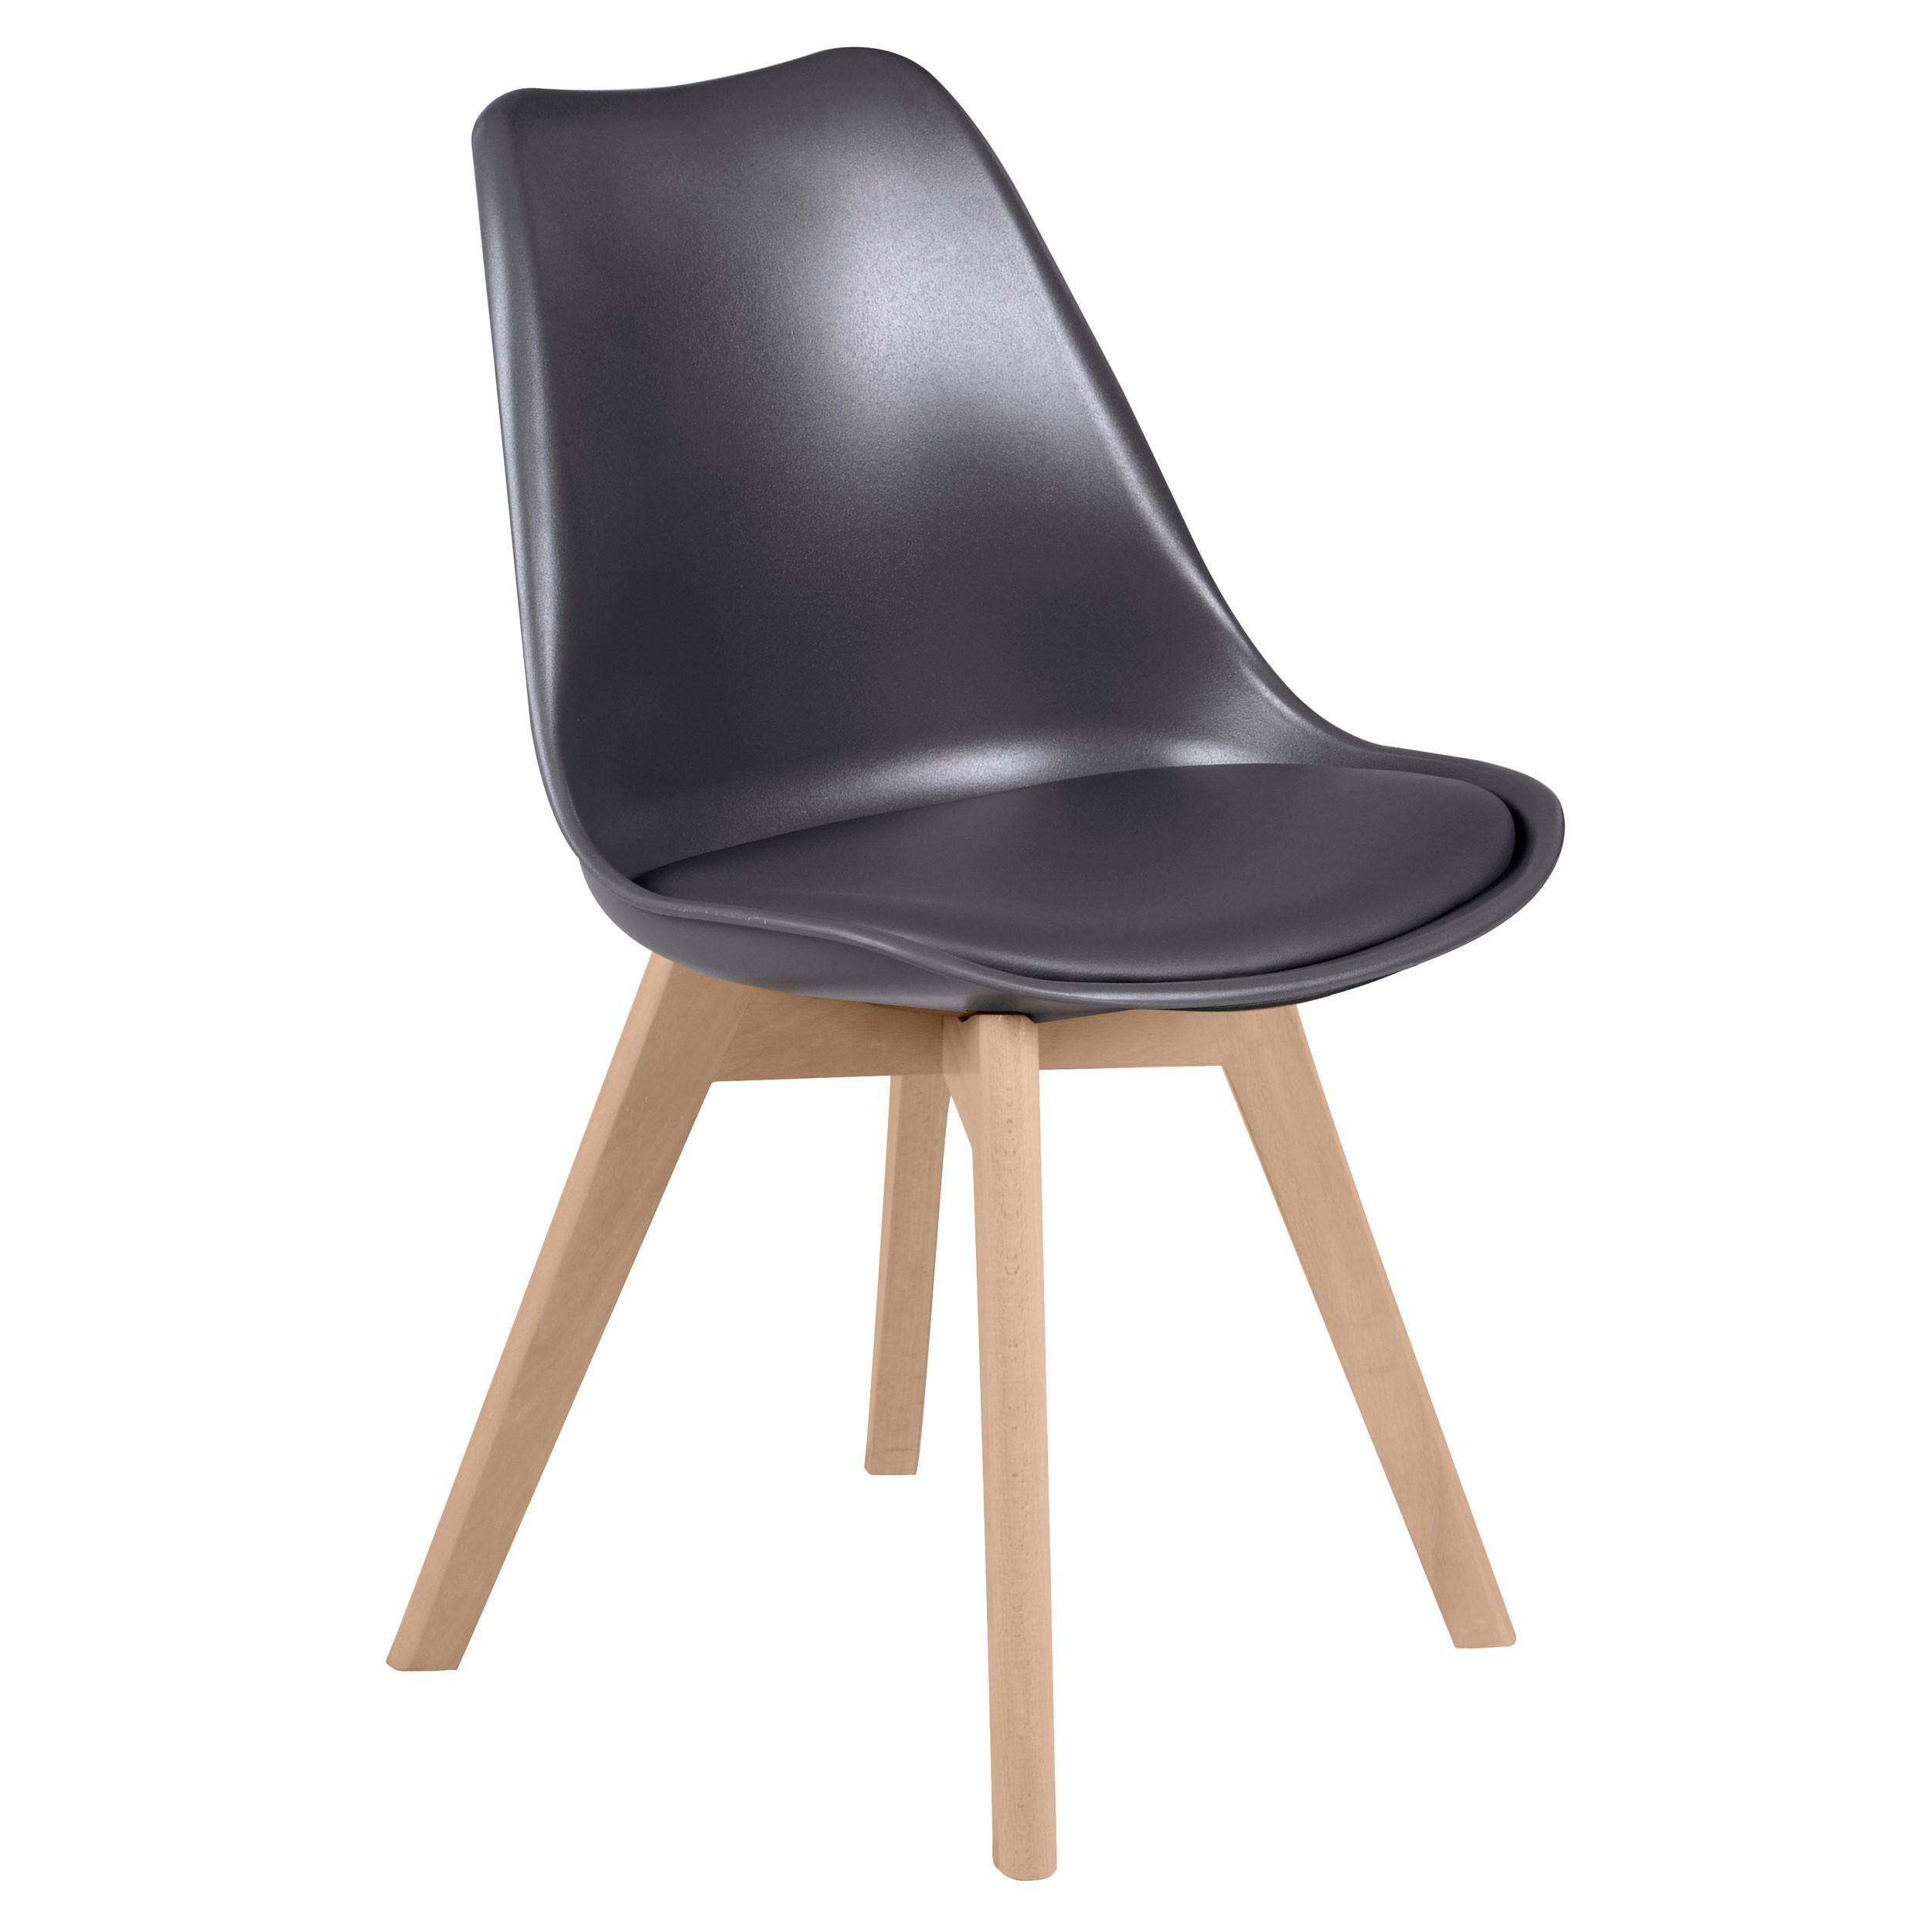 chaise scandinave gris fonce lot de 2 salle a manger cuisine design lab furniture